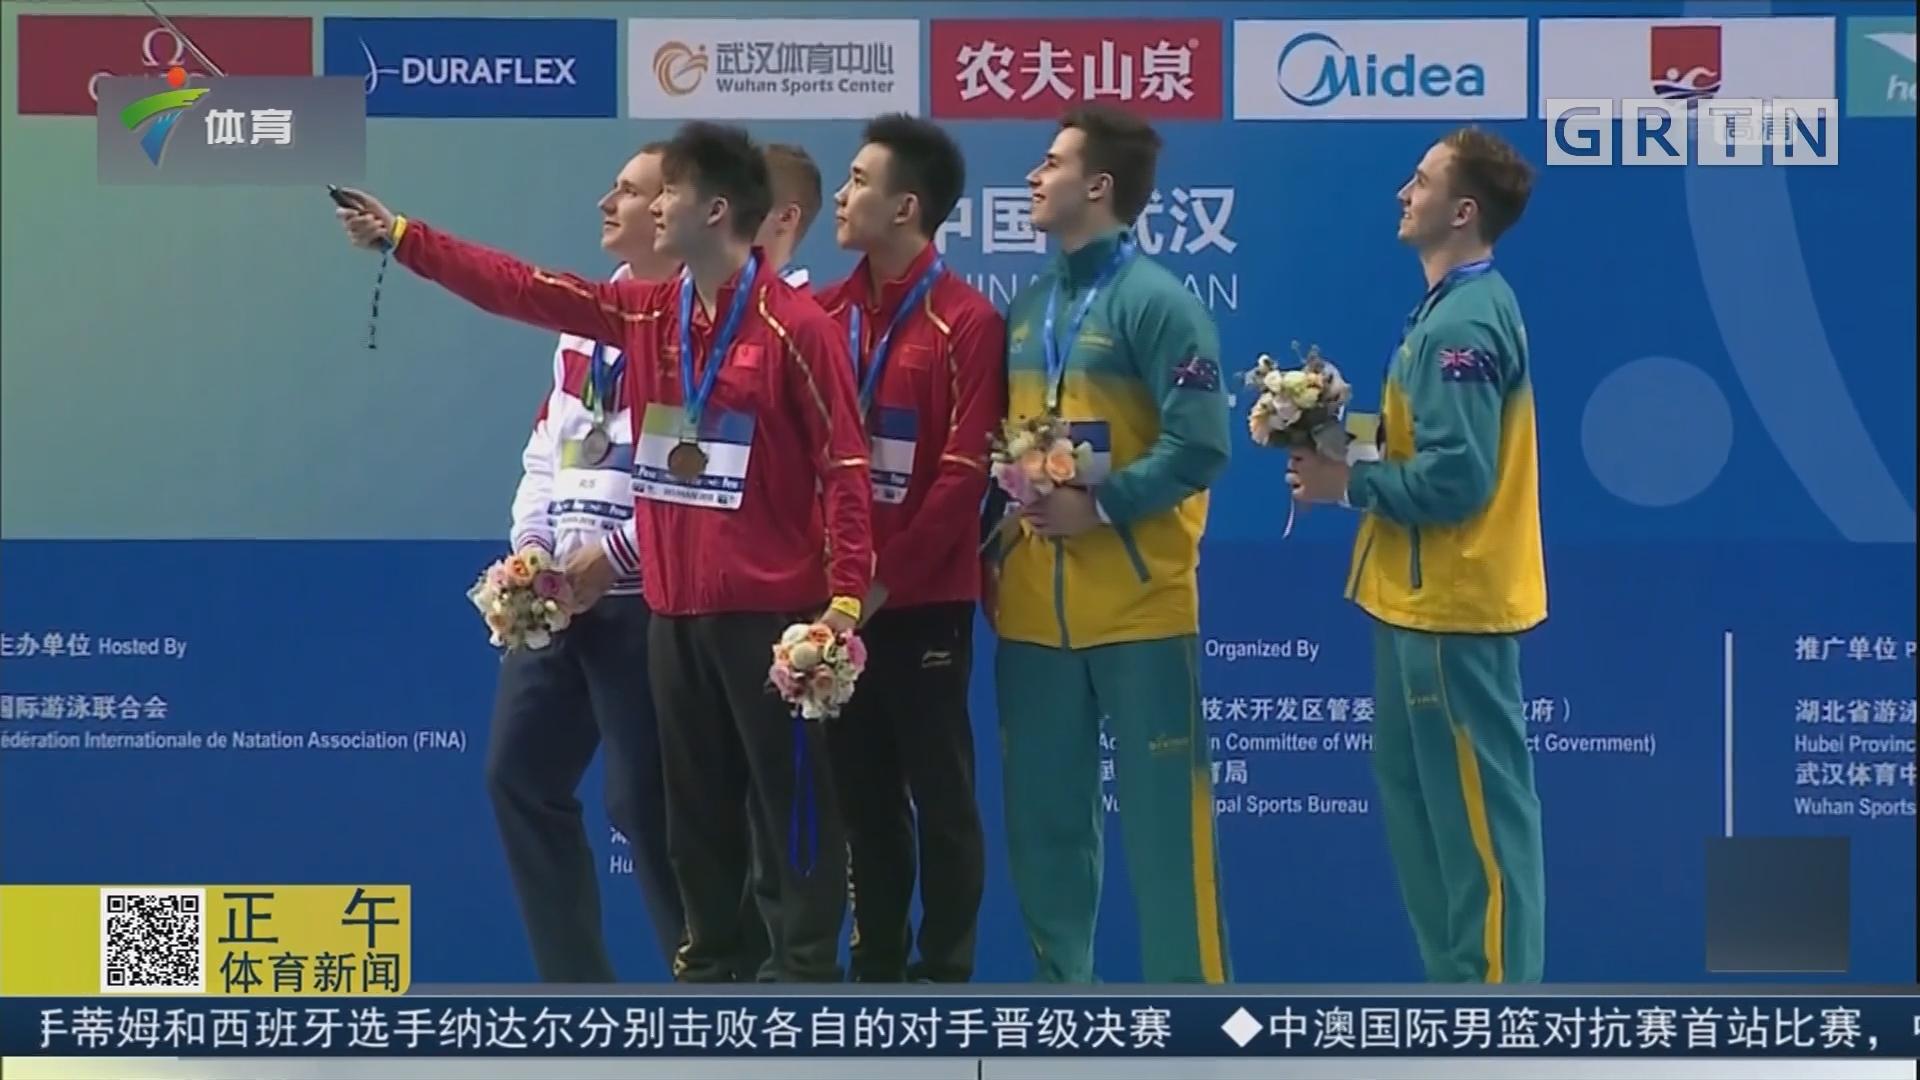 陈艾森/杨昊收获男双10米跳台冠军